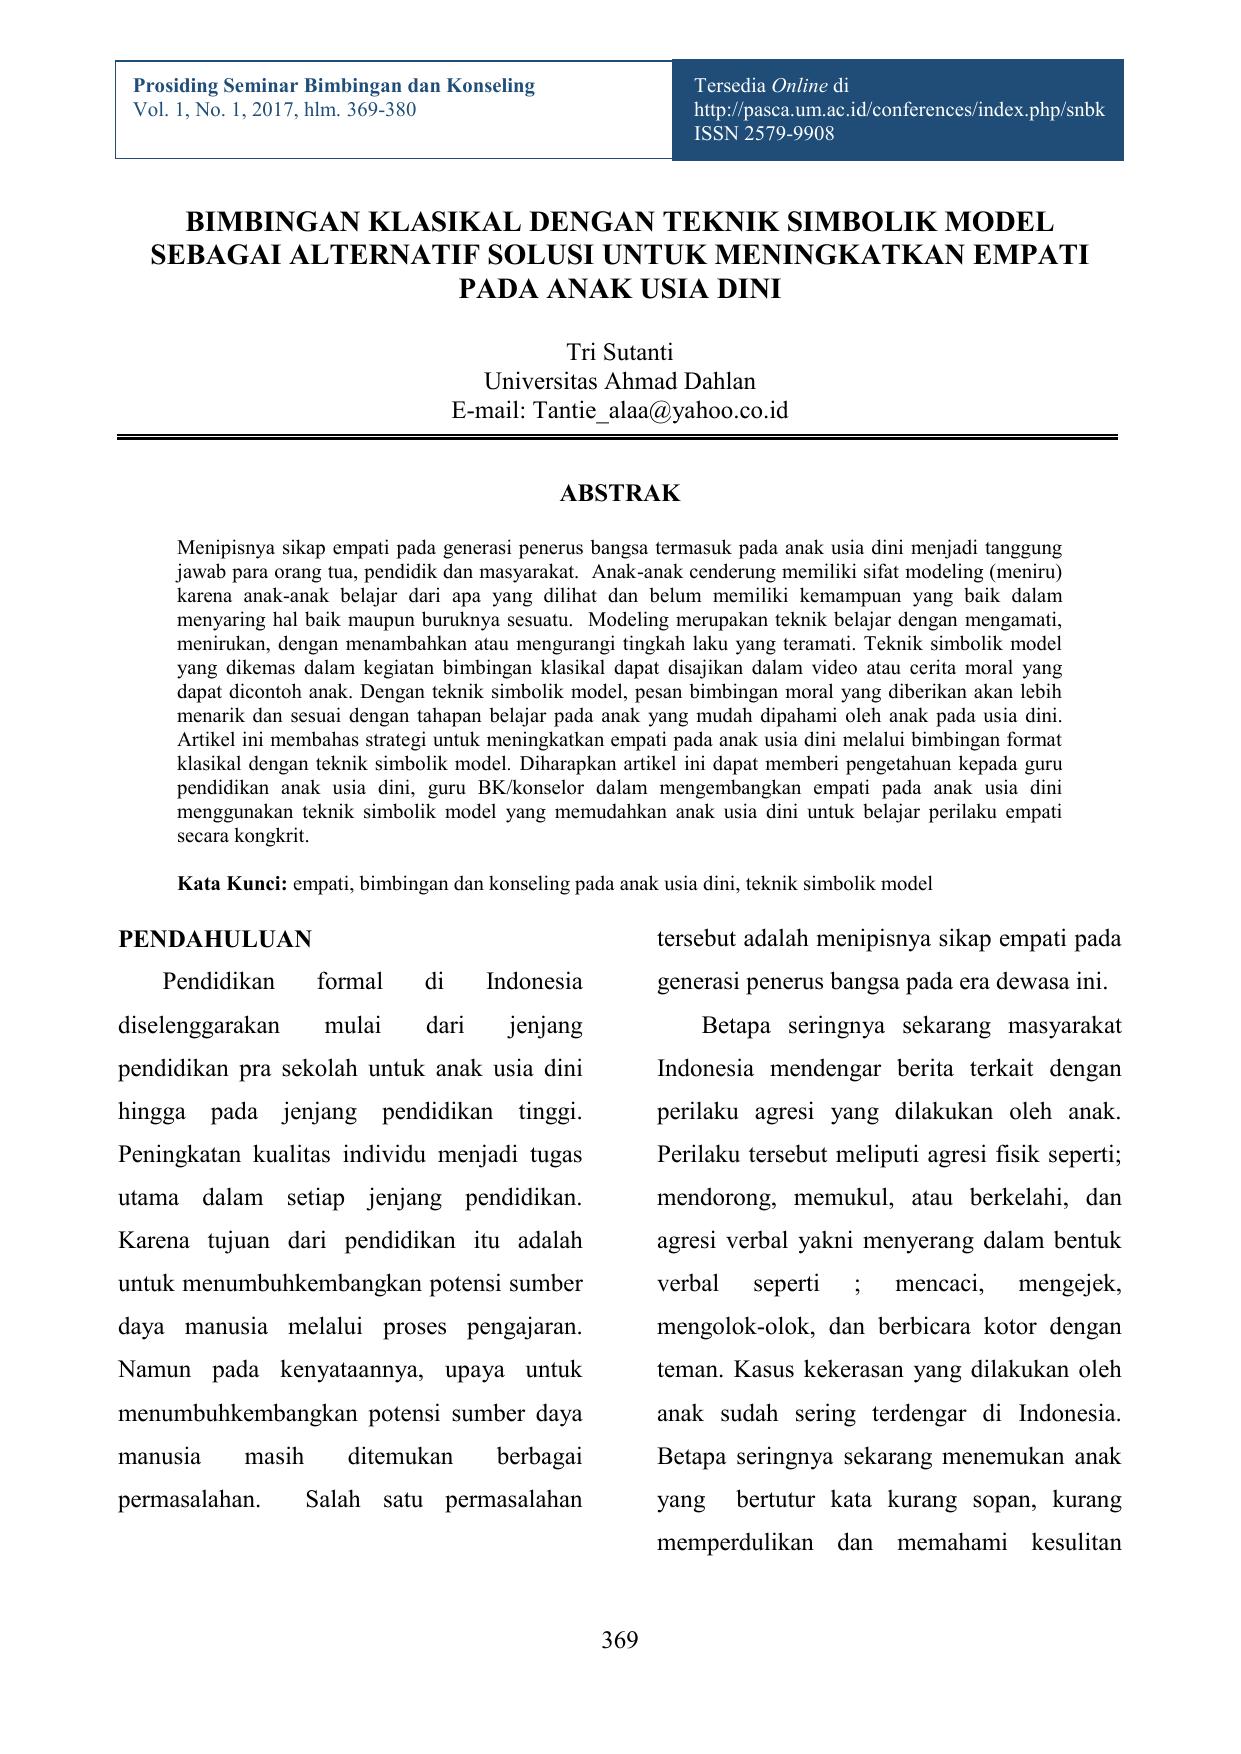 Bimbingan Klasikal Dengan Teknik Simbolik Model Sebagai Alternatif